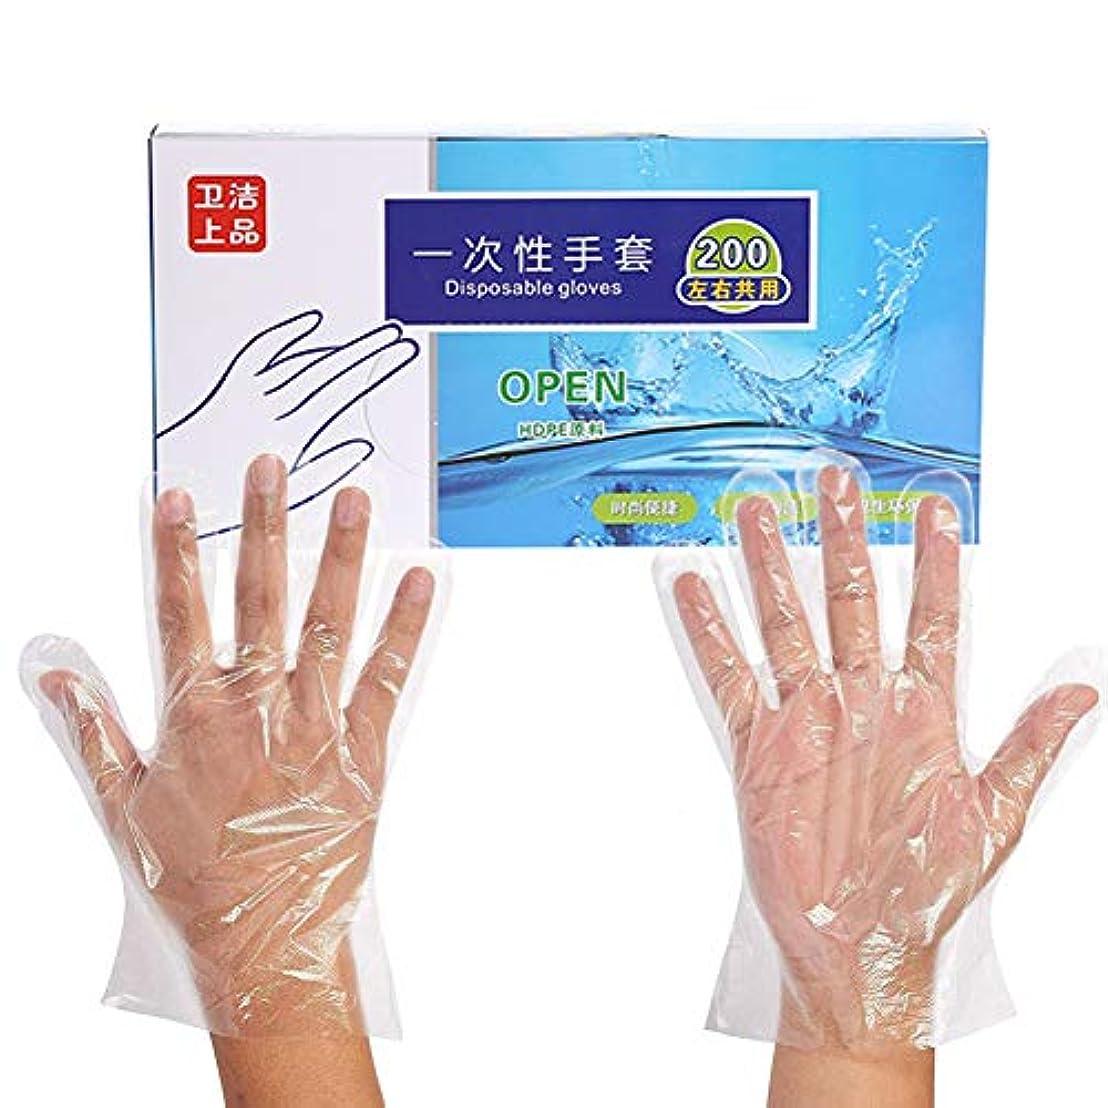 太平洋諸島擬人間隔Cangad 使い捨て手袋 極薄ビニール手袋 ポリエチ手袋 左右兼用 透明 調理用 食品 実用 セット極薄手袋 調理に?お掃除に?毛染めに 食品衛生法適合 400枚入